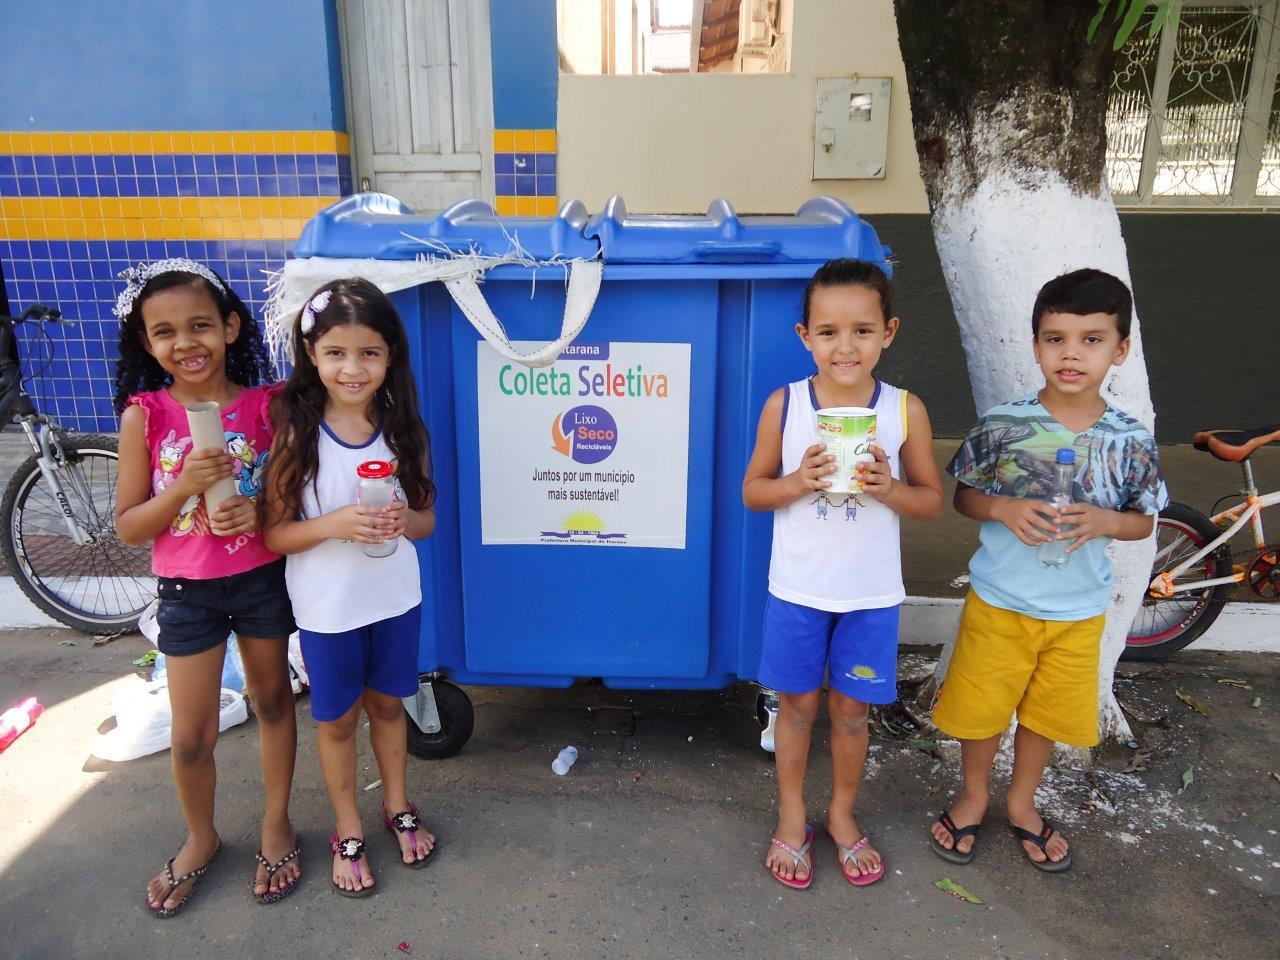 Alunos da educação infantil promovem campanha de conscientização sobre a Coleta Seletiva